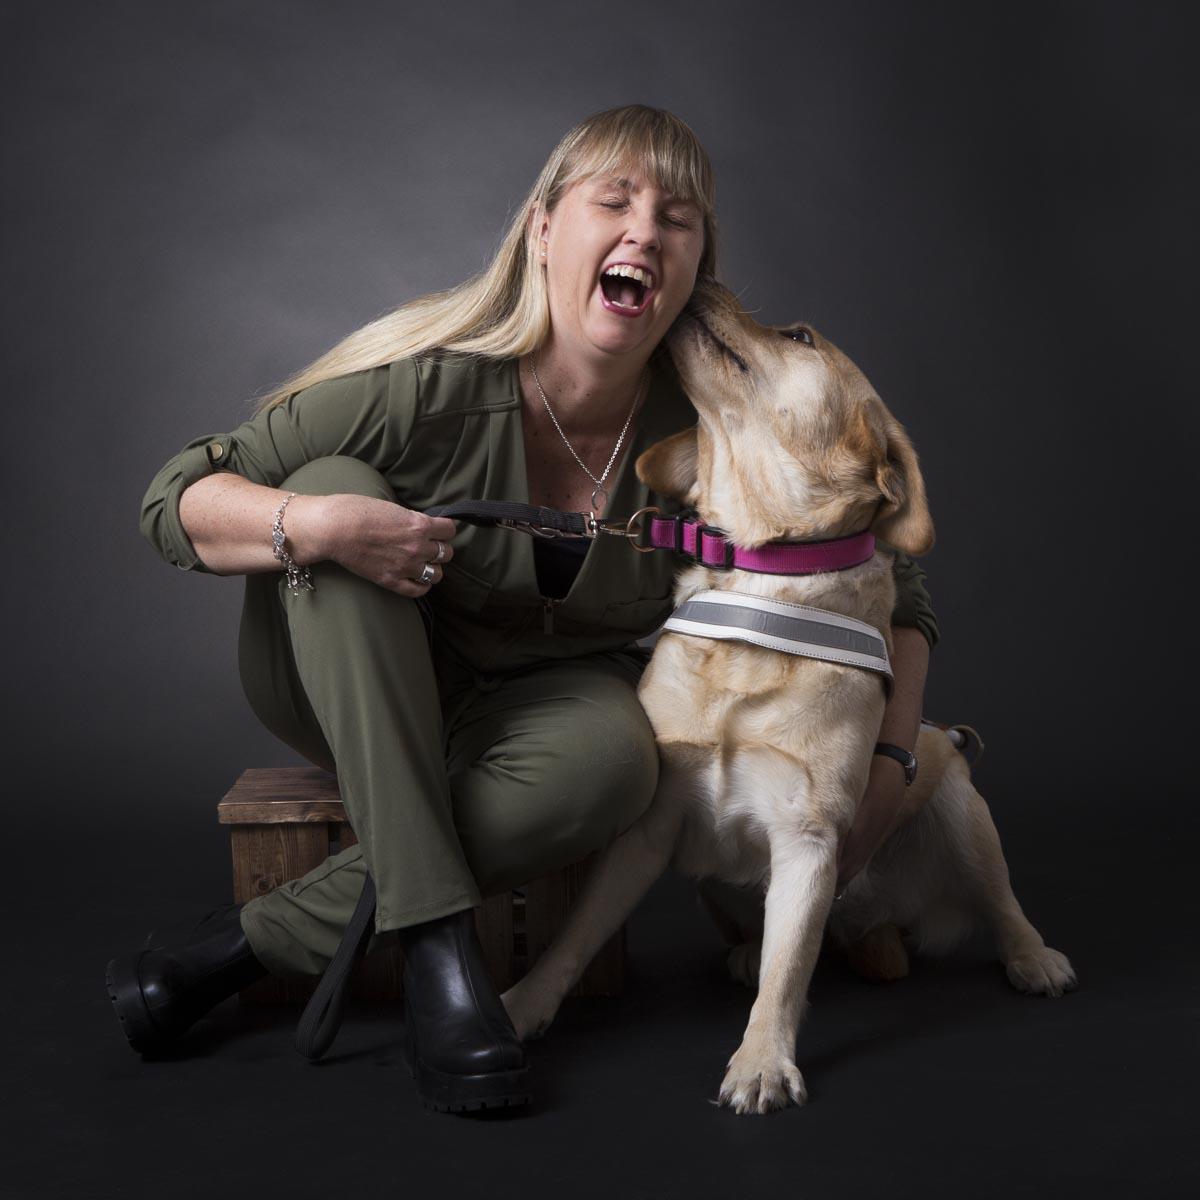 Jag och ledarhunden Chanti, en ljus labrador med vit sele. Jag är klädd i grön byxdress och sitter på en träpall i en fotostudio med grå bakgrund.